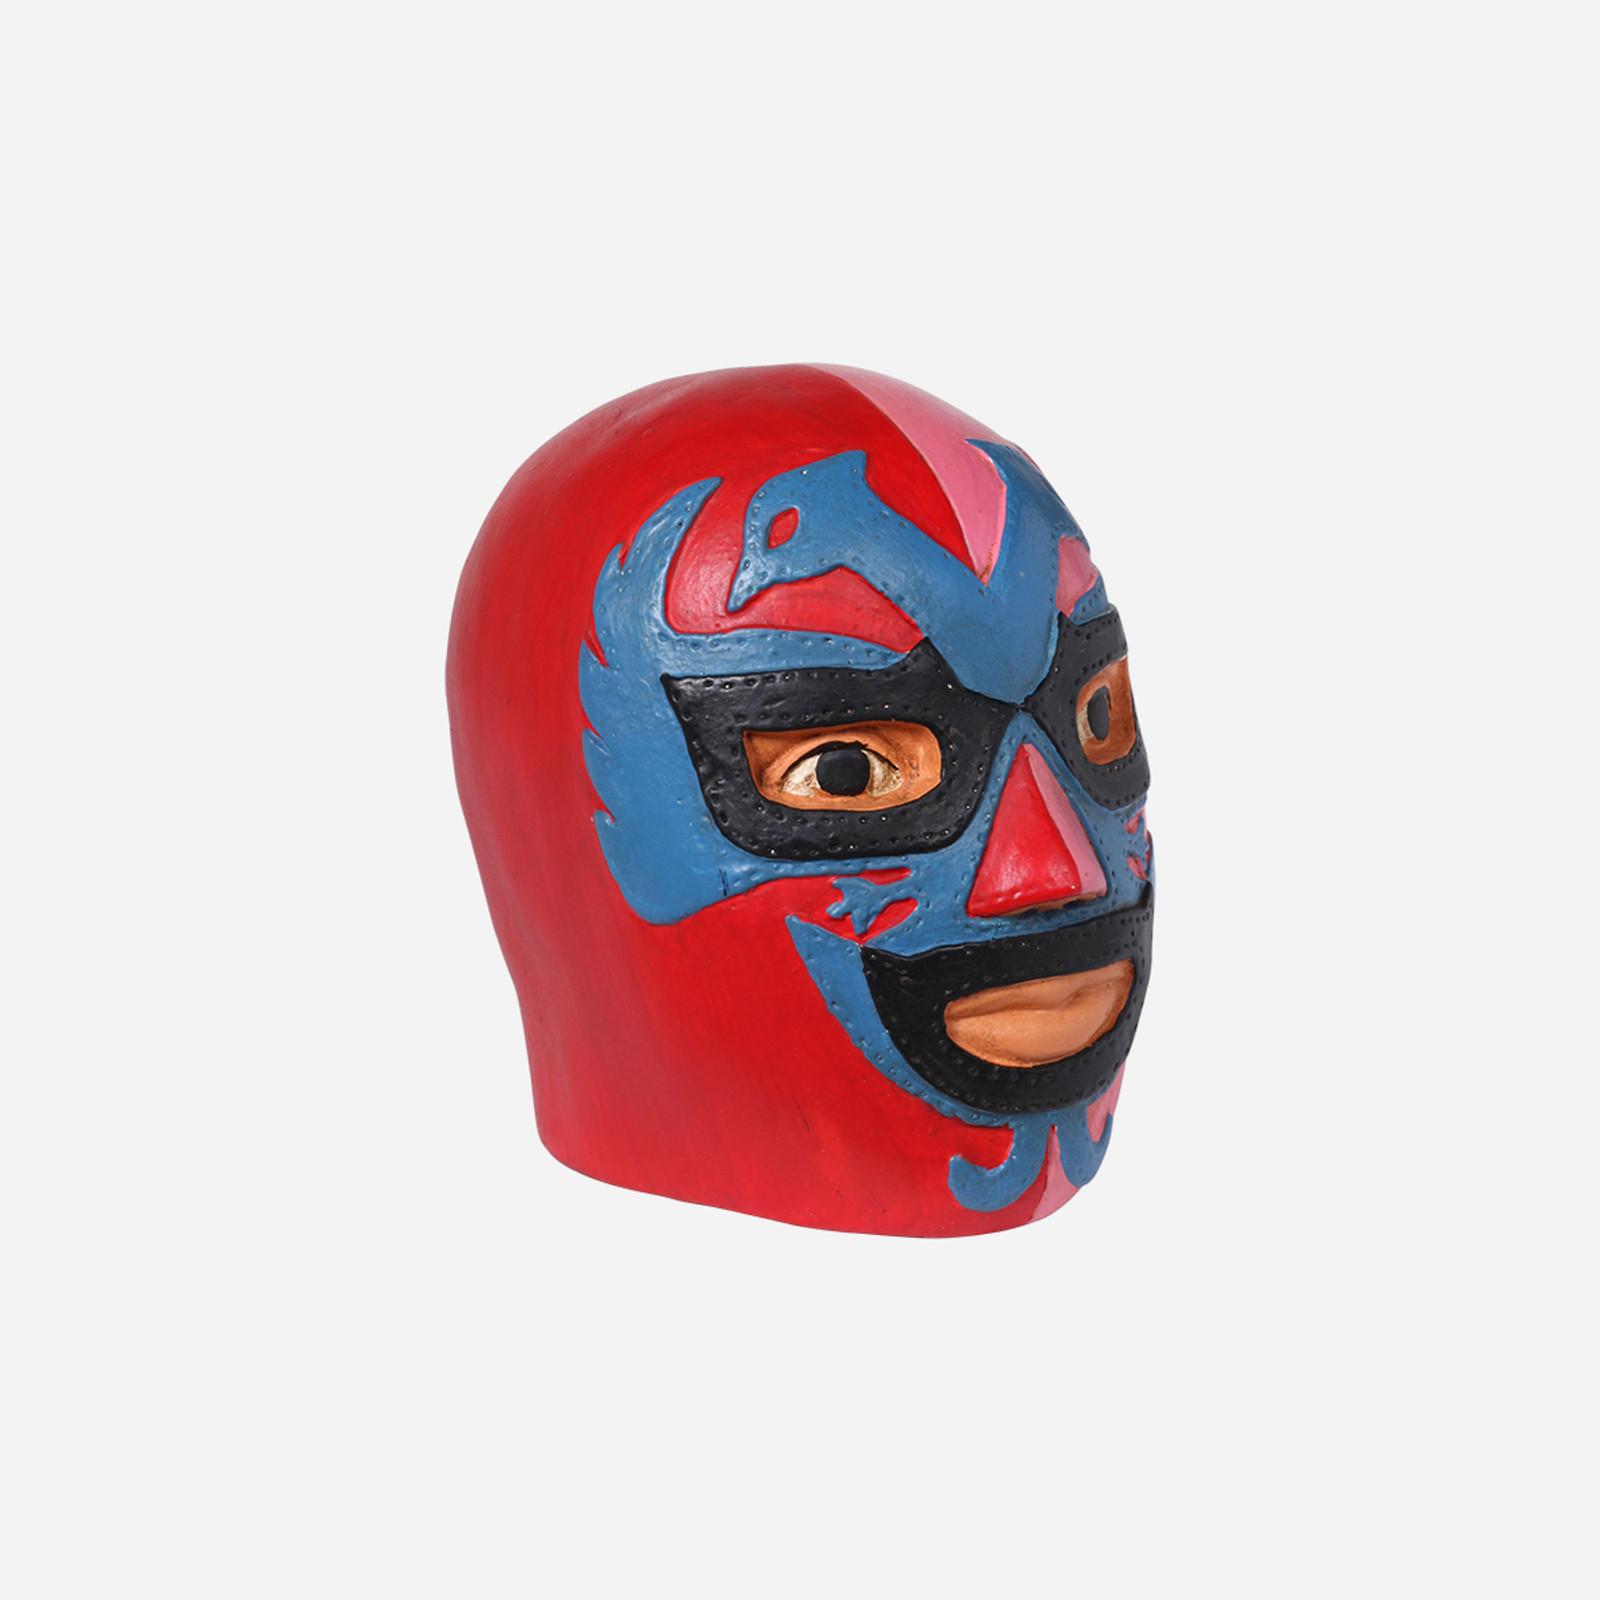 Dos Caras Wrestler Head Coin Bank